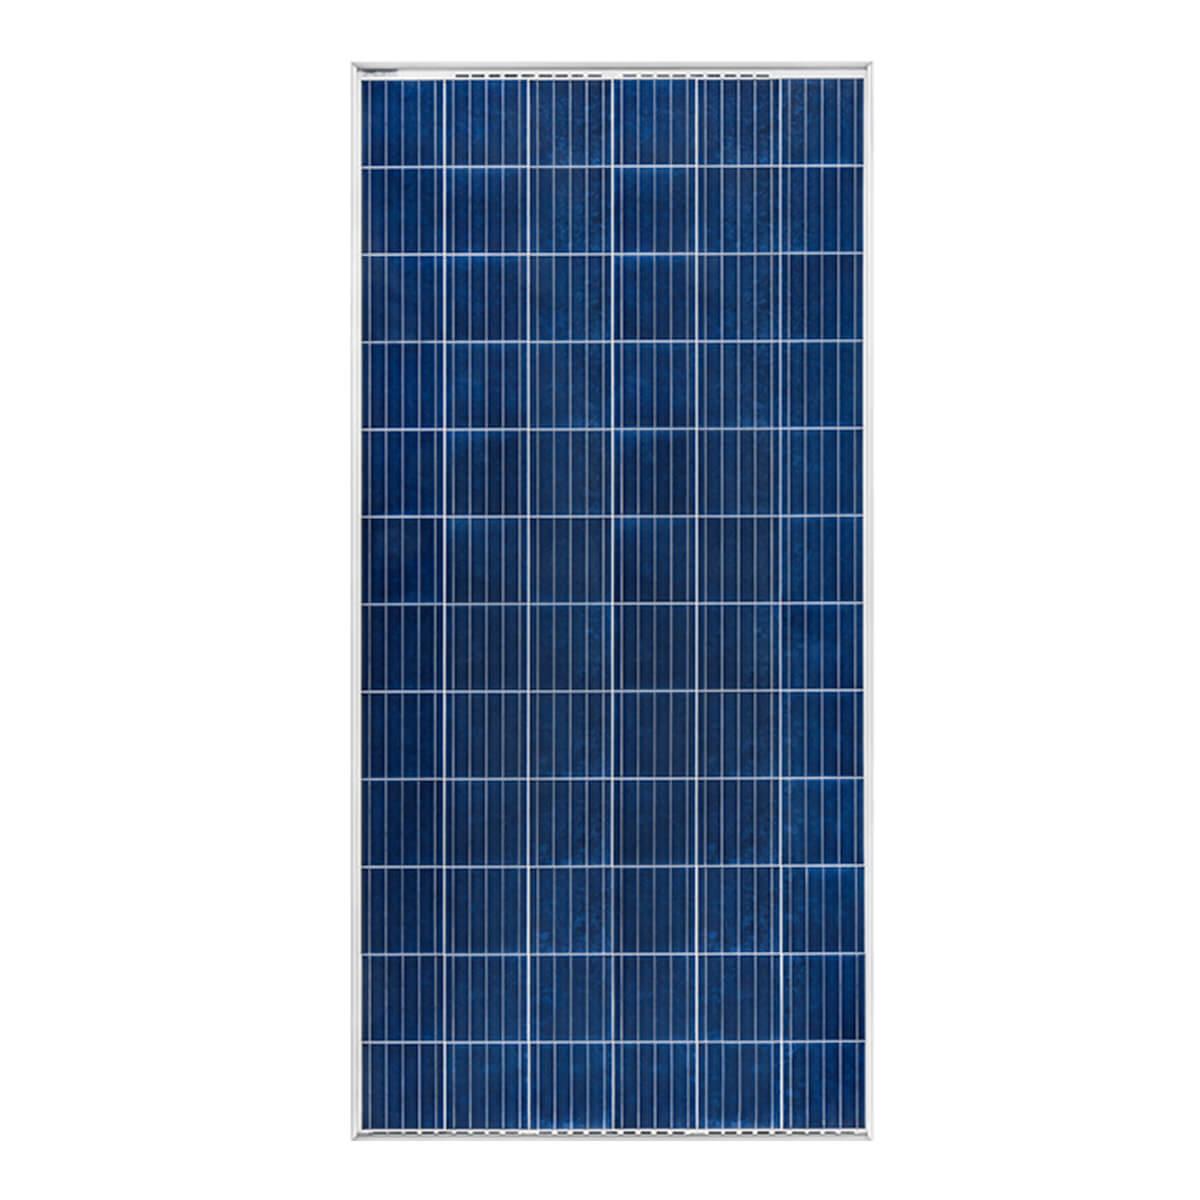 plurawatt 340W panel, plurawatt 340Watt panel, plurawatt 340 W panel, plurawatt 340 Watt panel, plurawatt 340 Watt polikristal panel, plurawatt 340 W watt gunes paneli, plurawatt 340 W watt polikristal gunes paneli, plurawatt 340 W Watt fotovoltaik polikristal solar panel, plurawatt 340W polikristal gunes enerjisi, plurawatt dc-72-340W panel, PLURAWATT 340 WATT